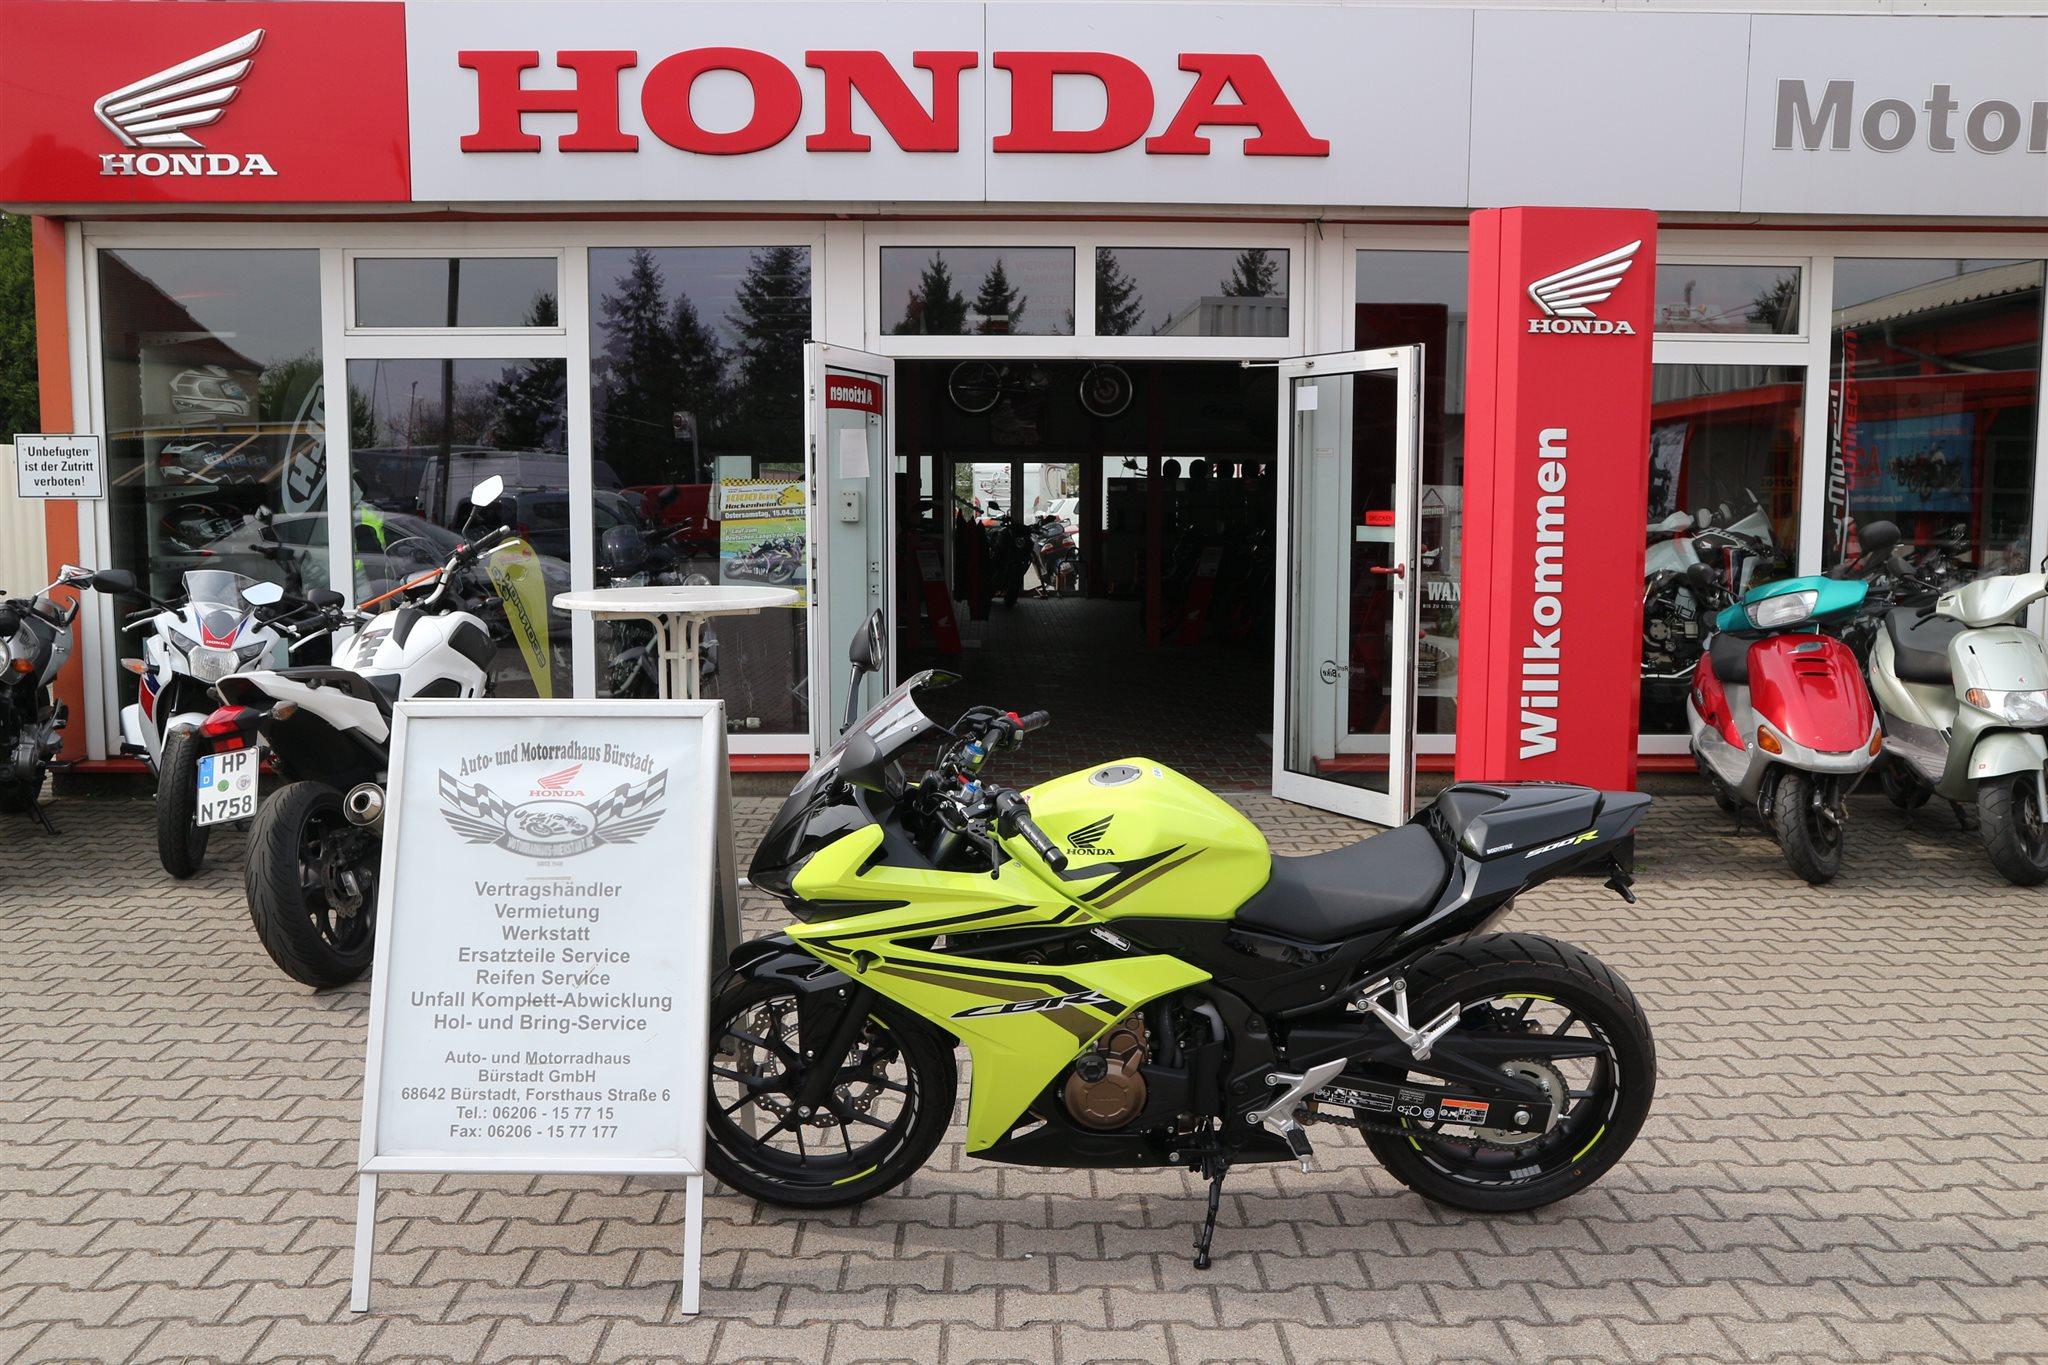 Umgebautes Motorrad Honda CBR 500 R von Auto-und Motorradhaus ...